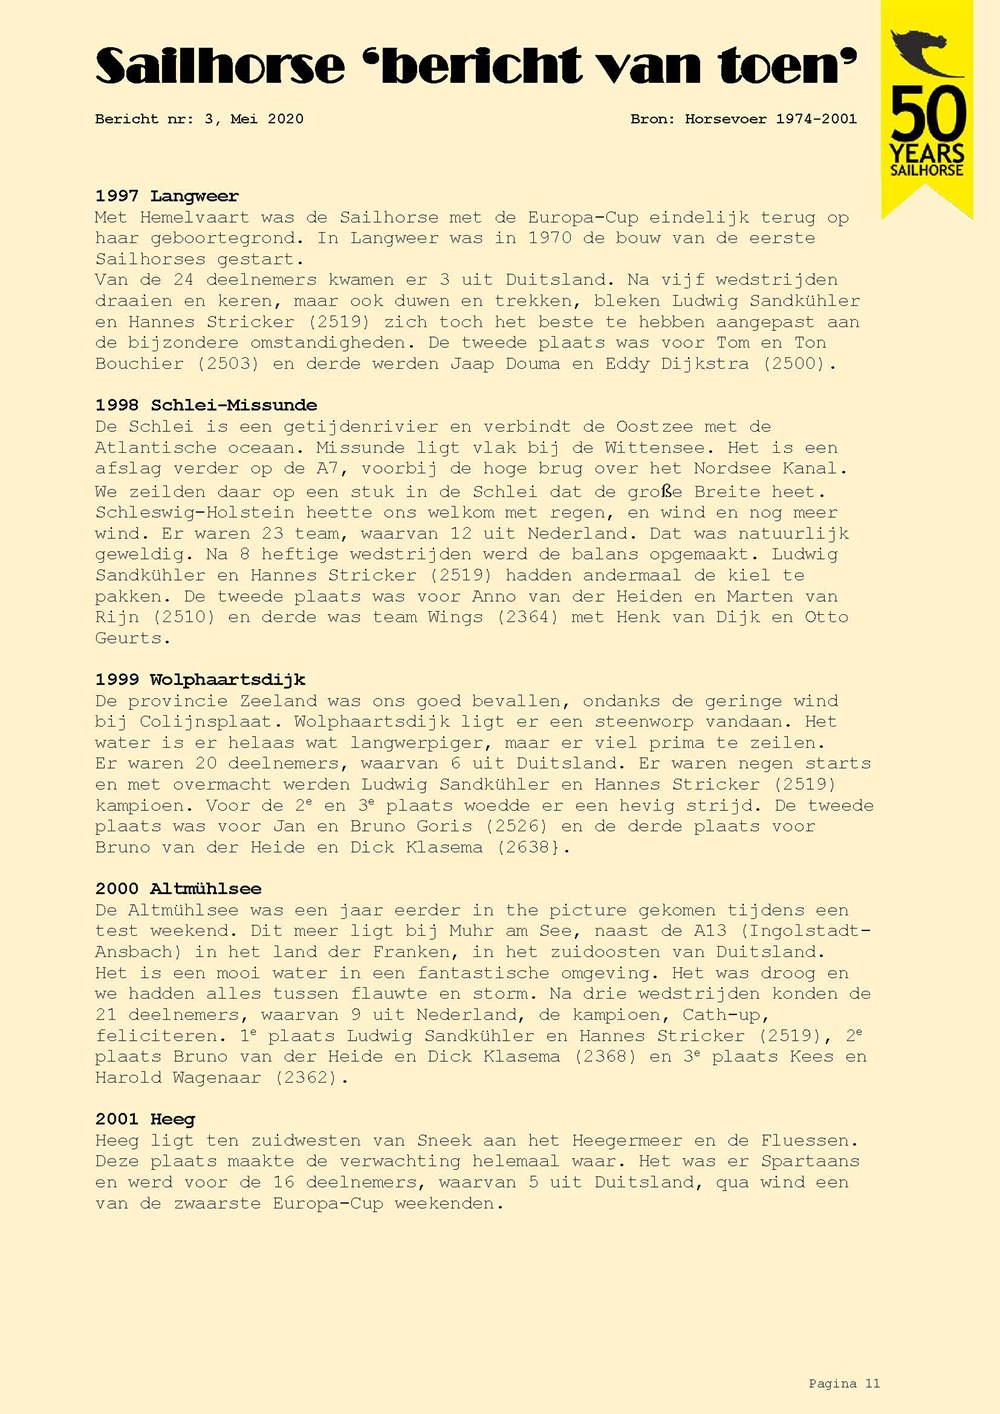 Bericht_van_toen_3_Mei_def_Page_11.jpg